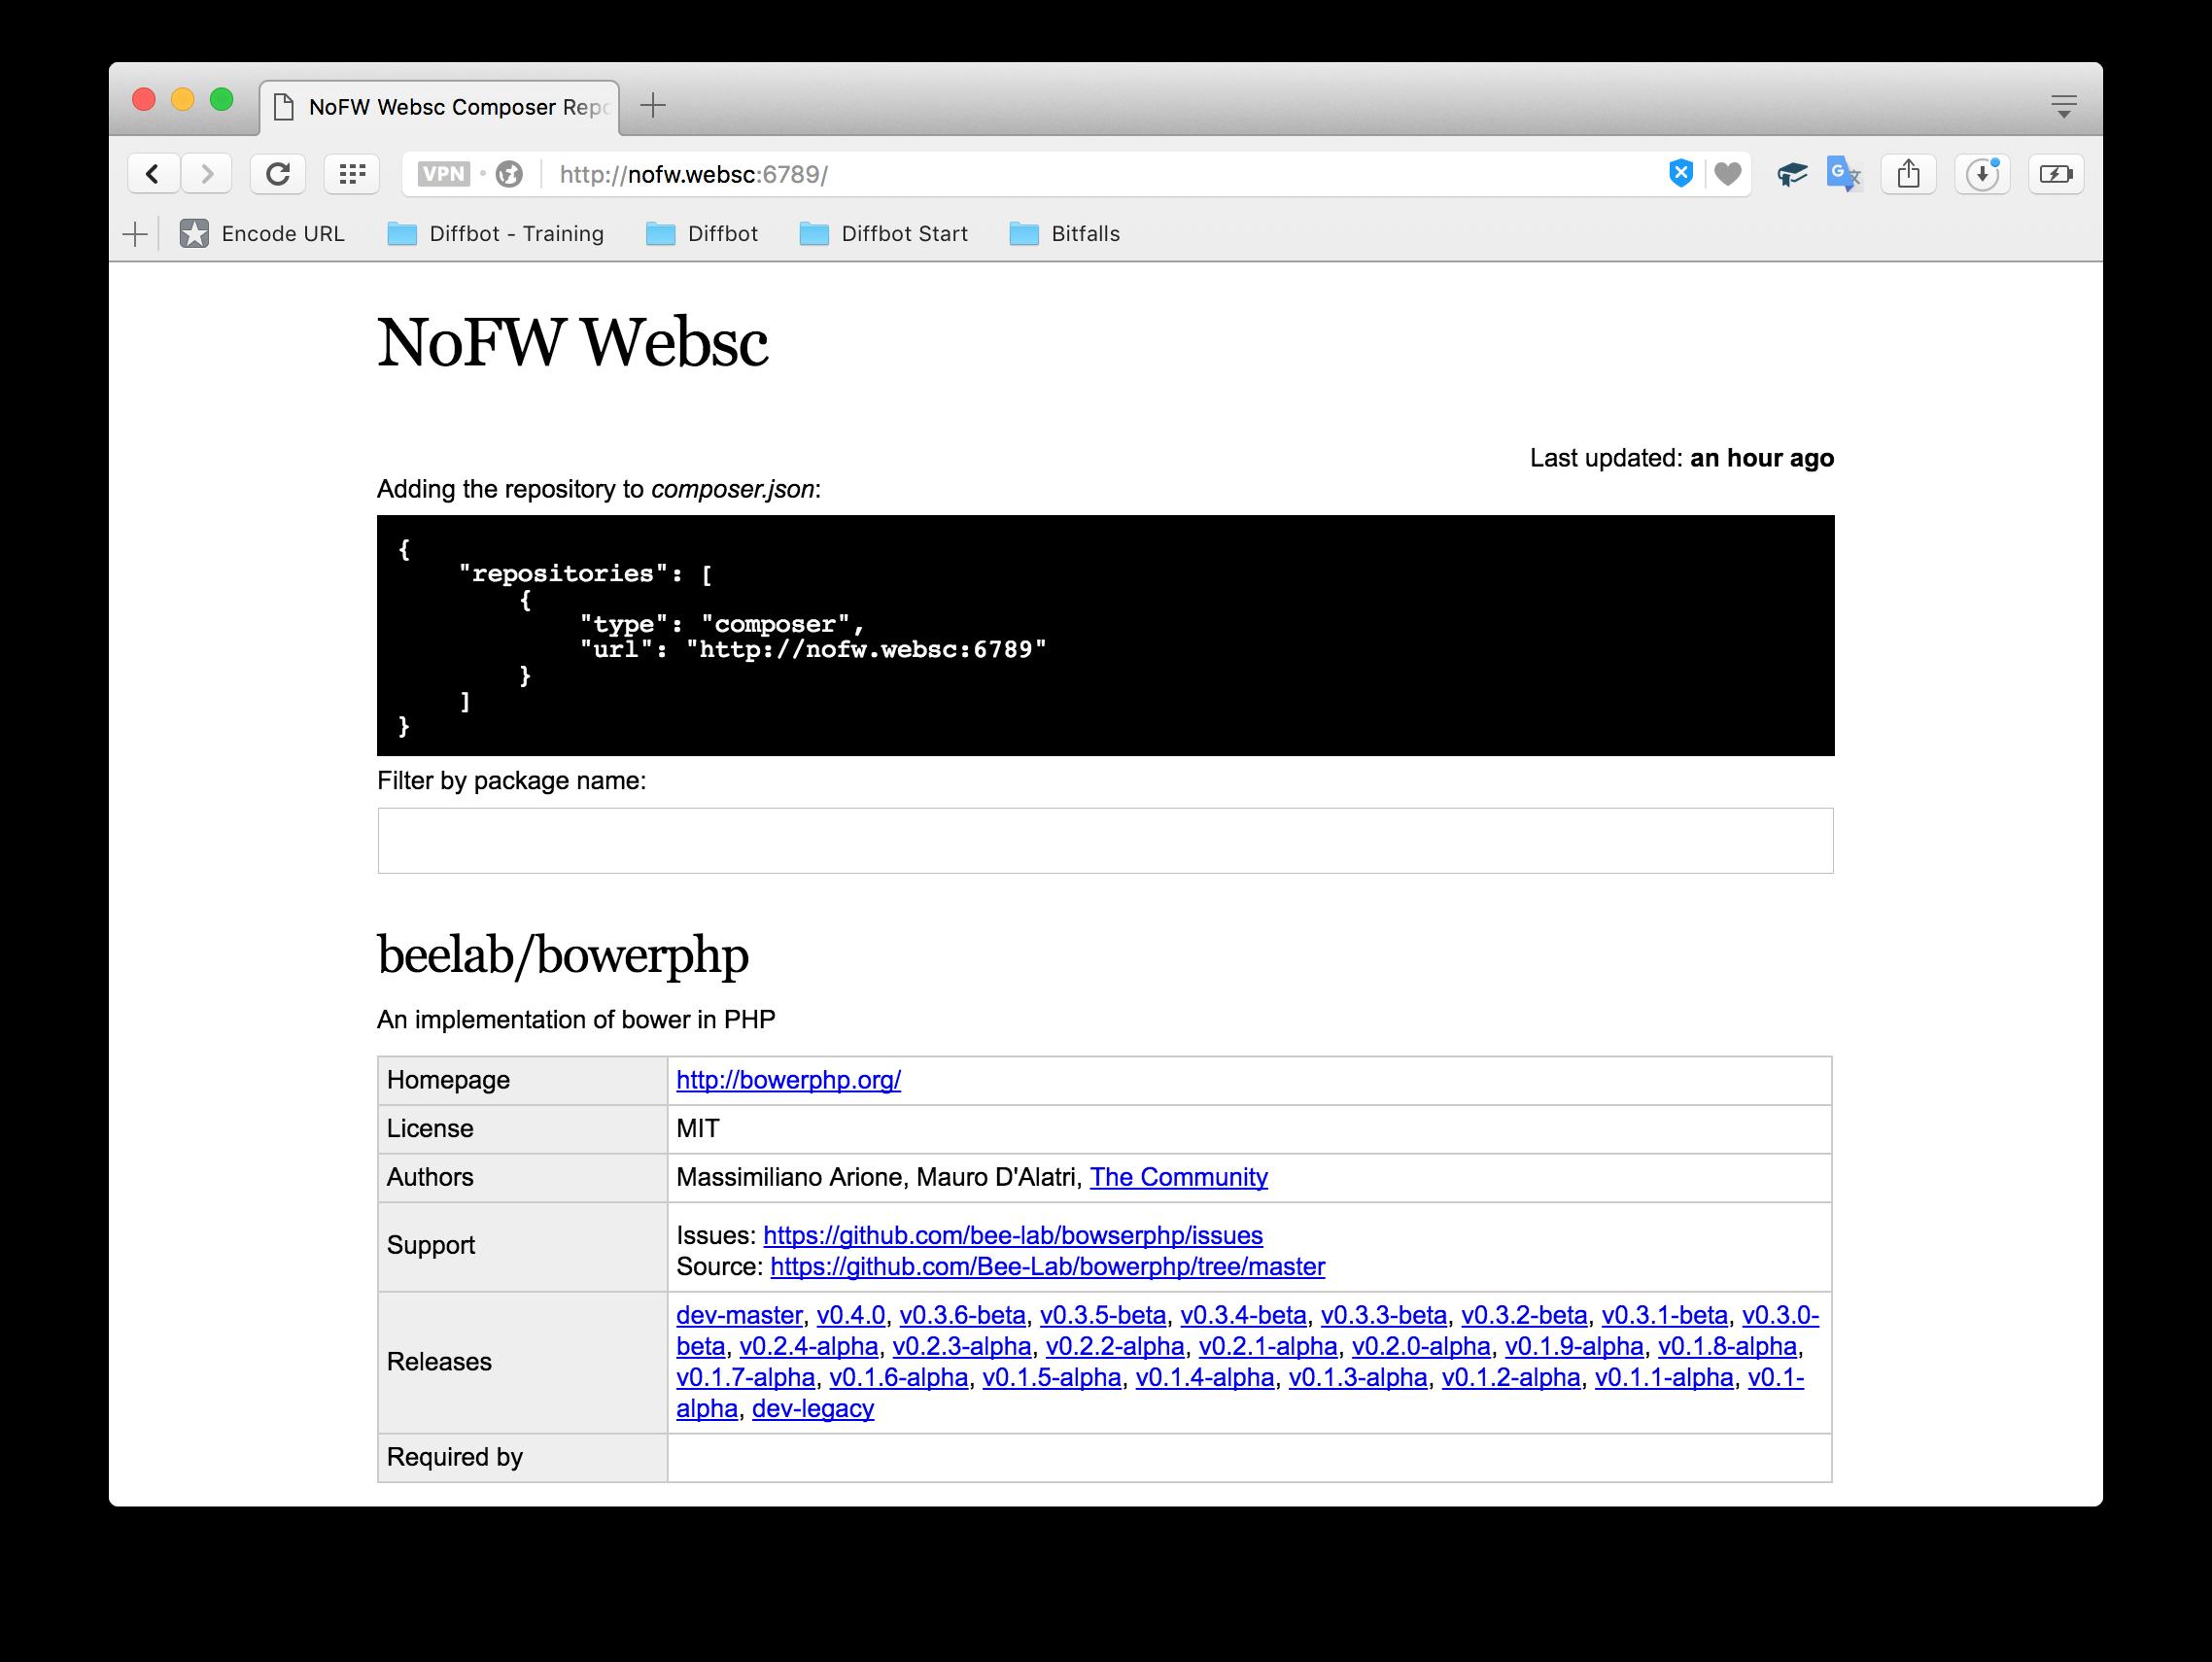 nofw.websc satis opens